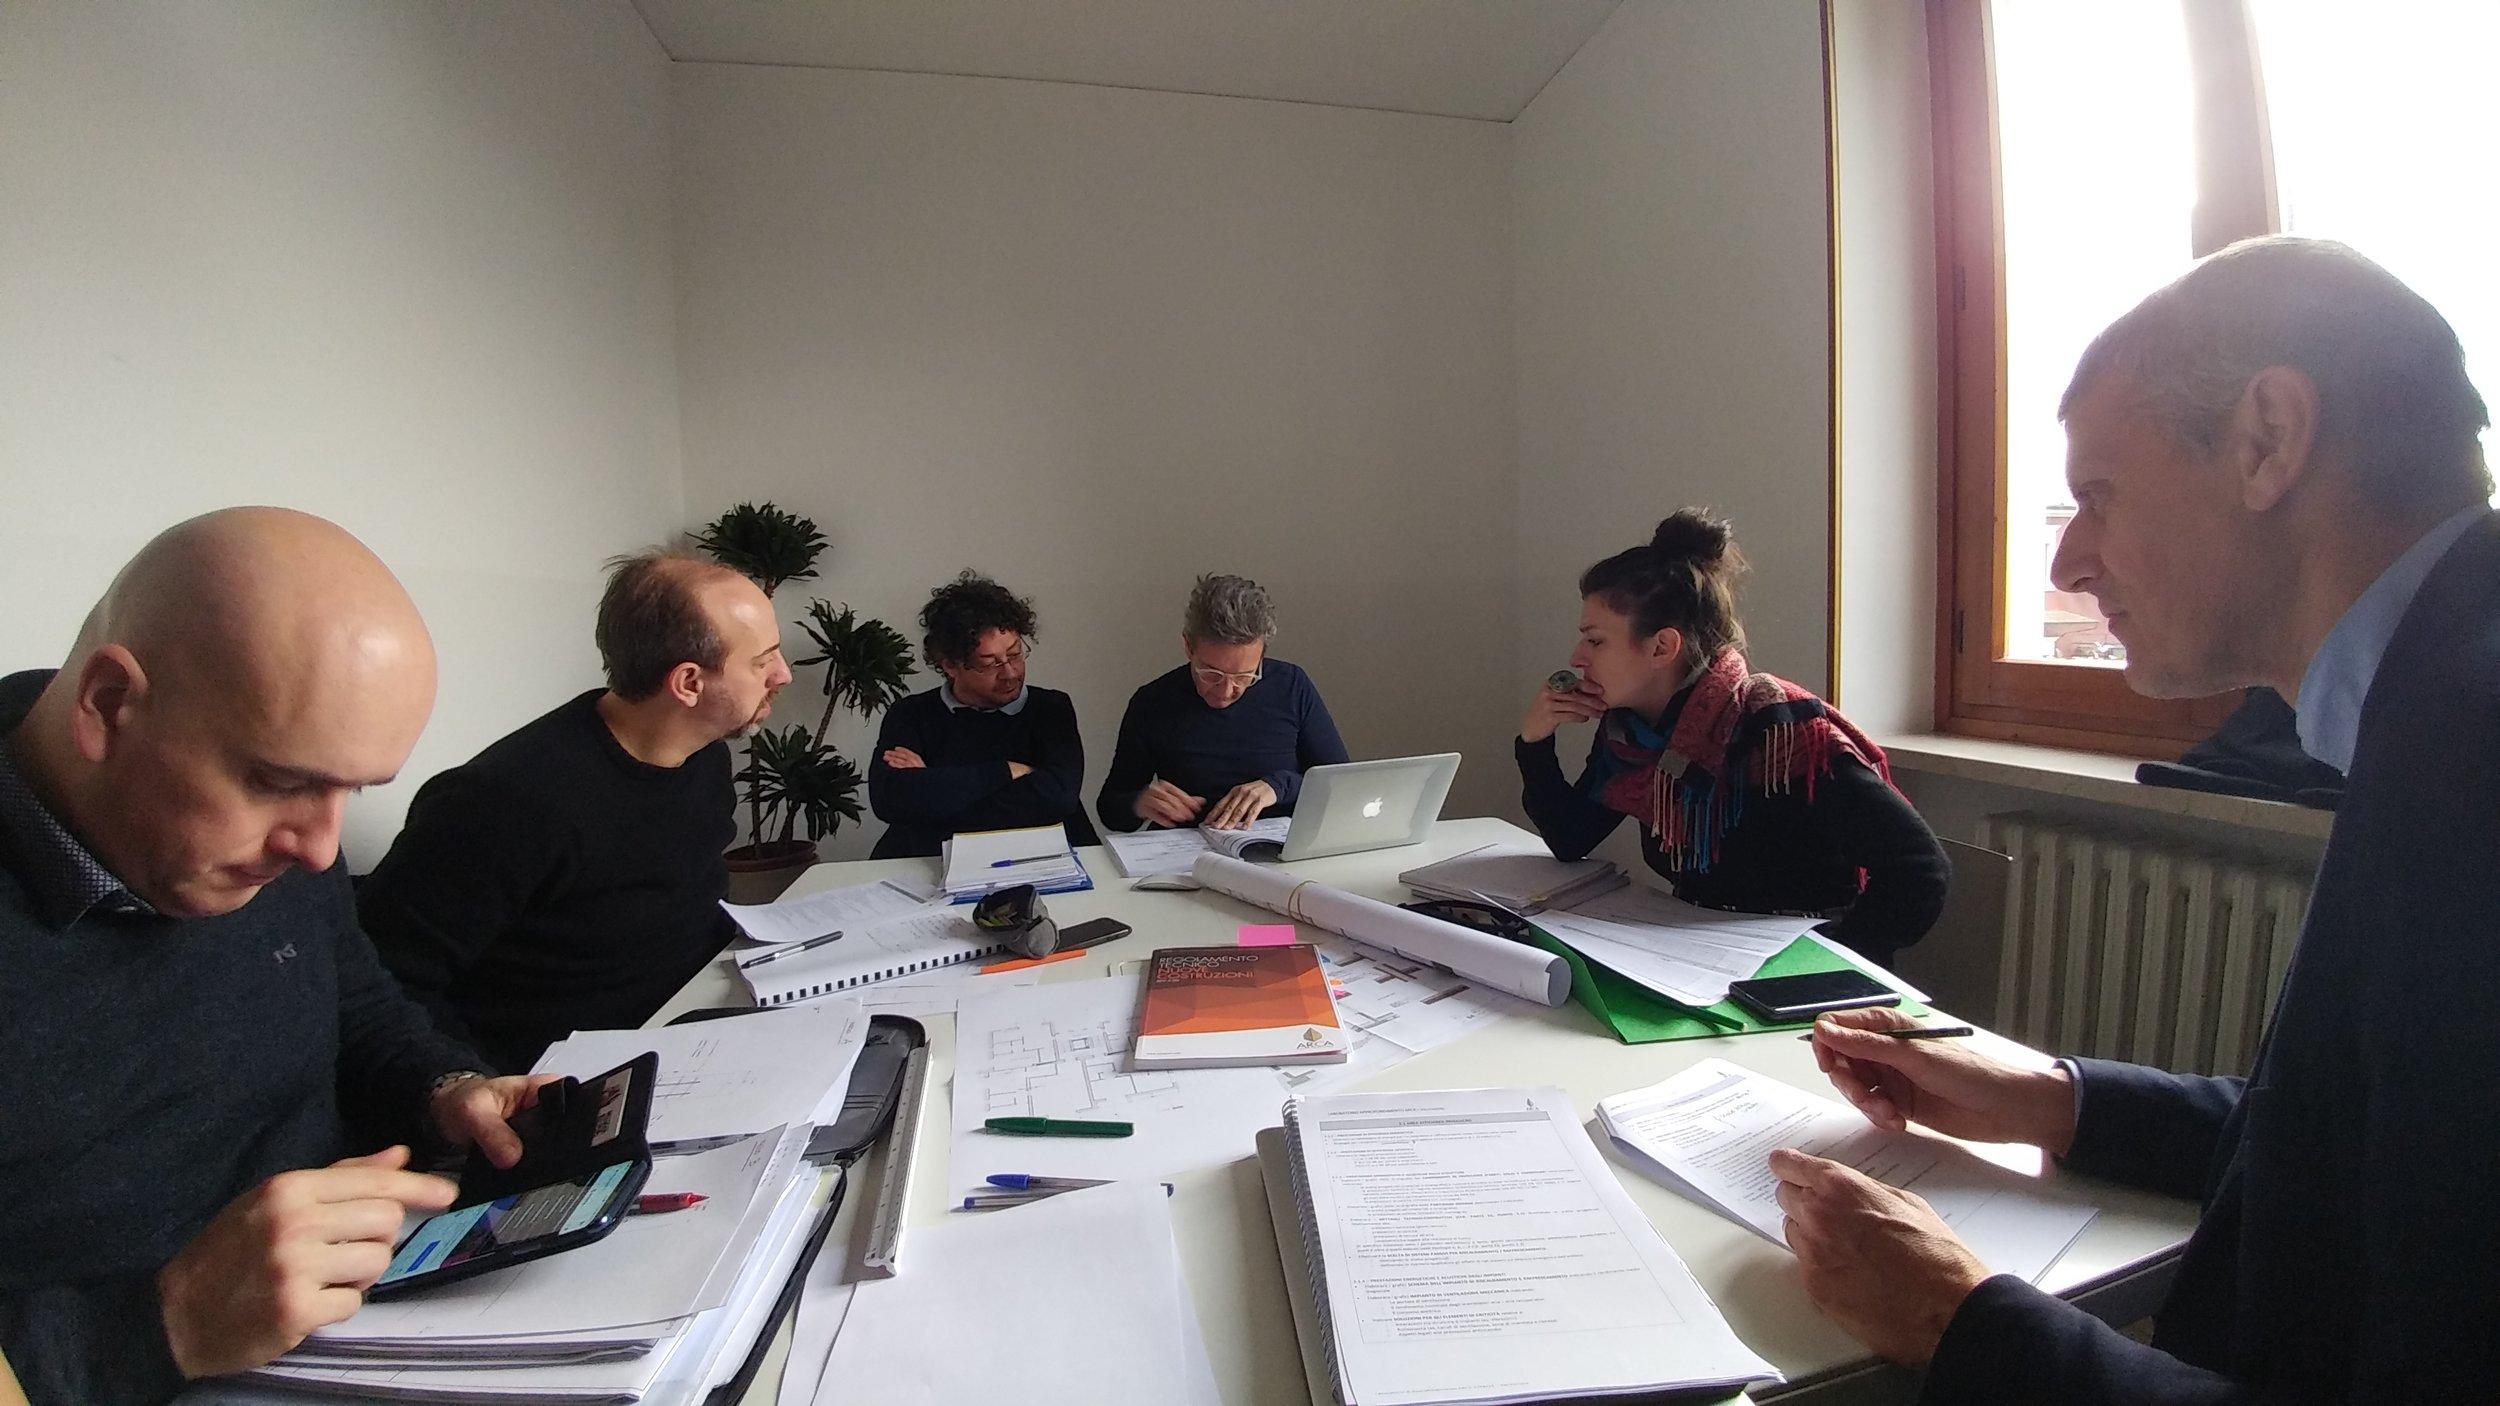 nicola-preti-architettura-sostenibile-riunione-arca-02.jpg